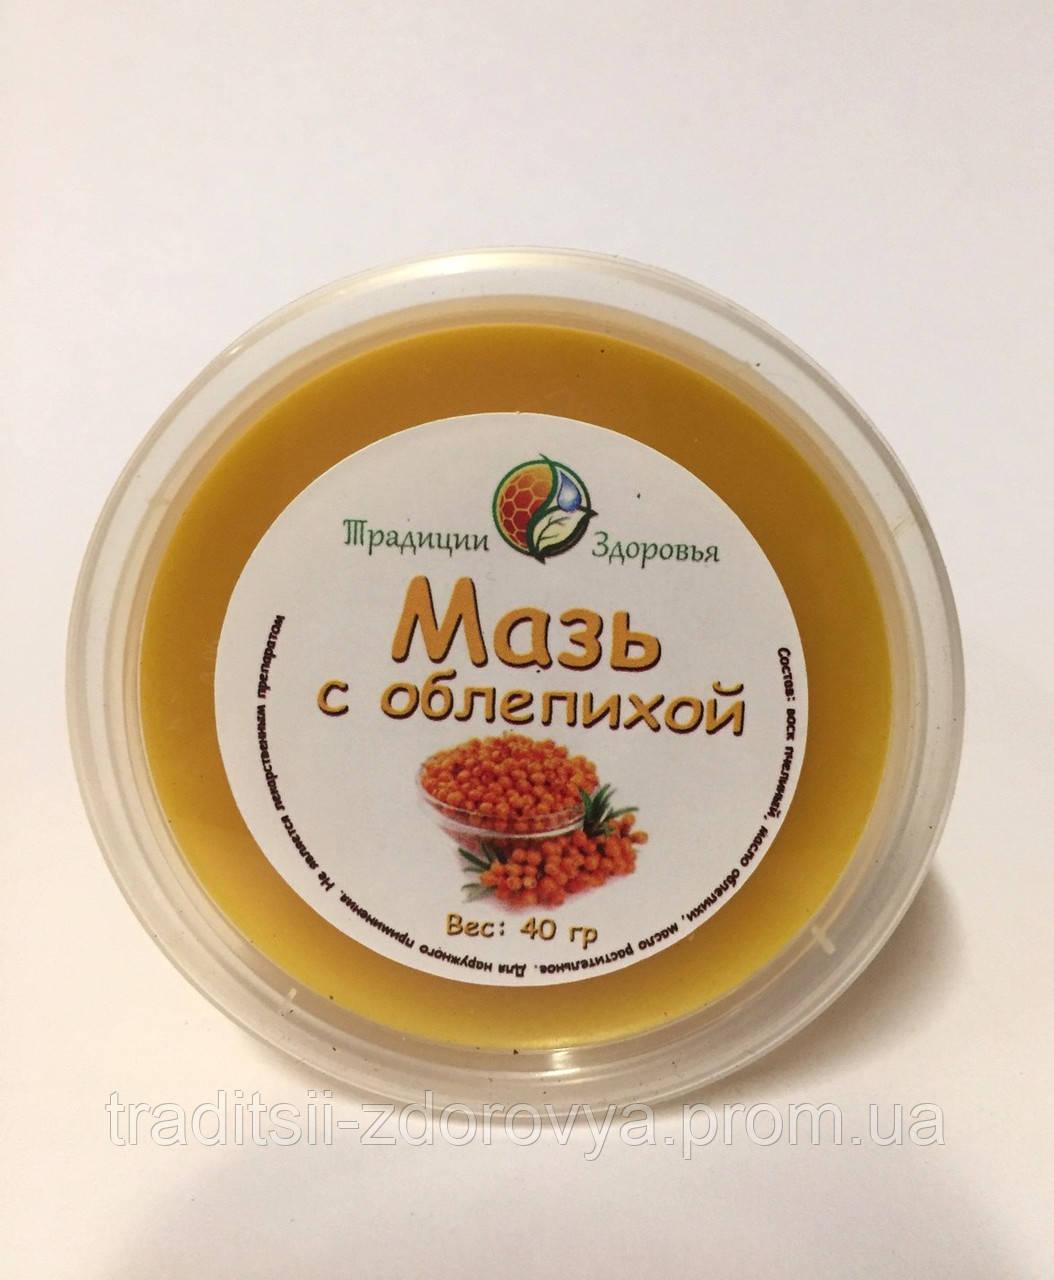 Мазь с облепиховым маслом, 100г